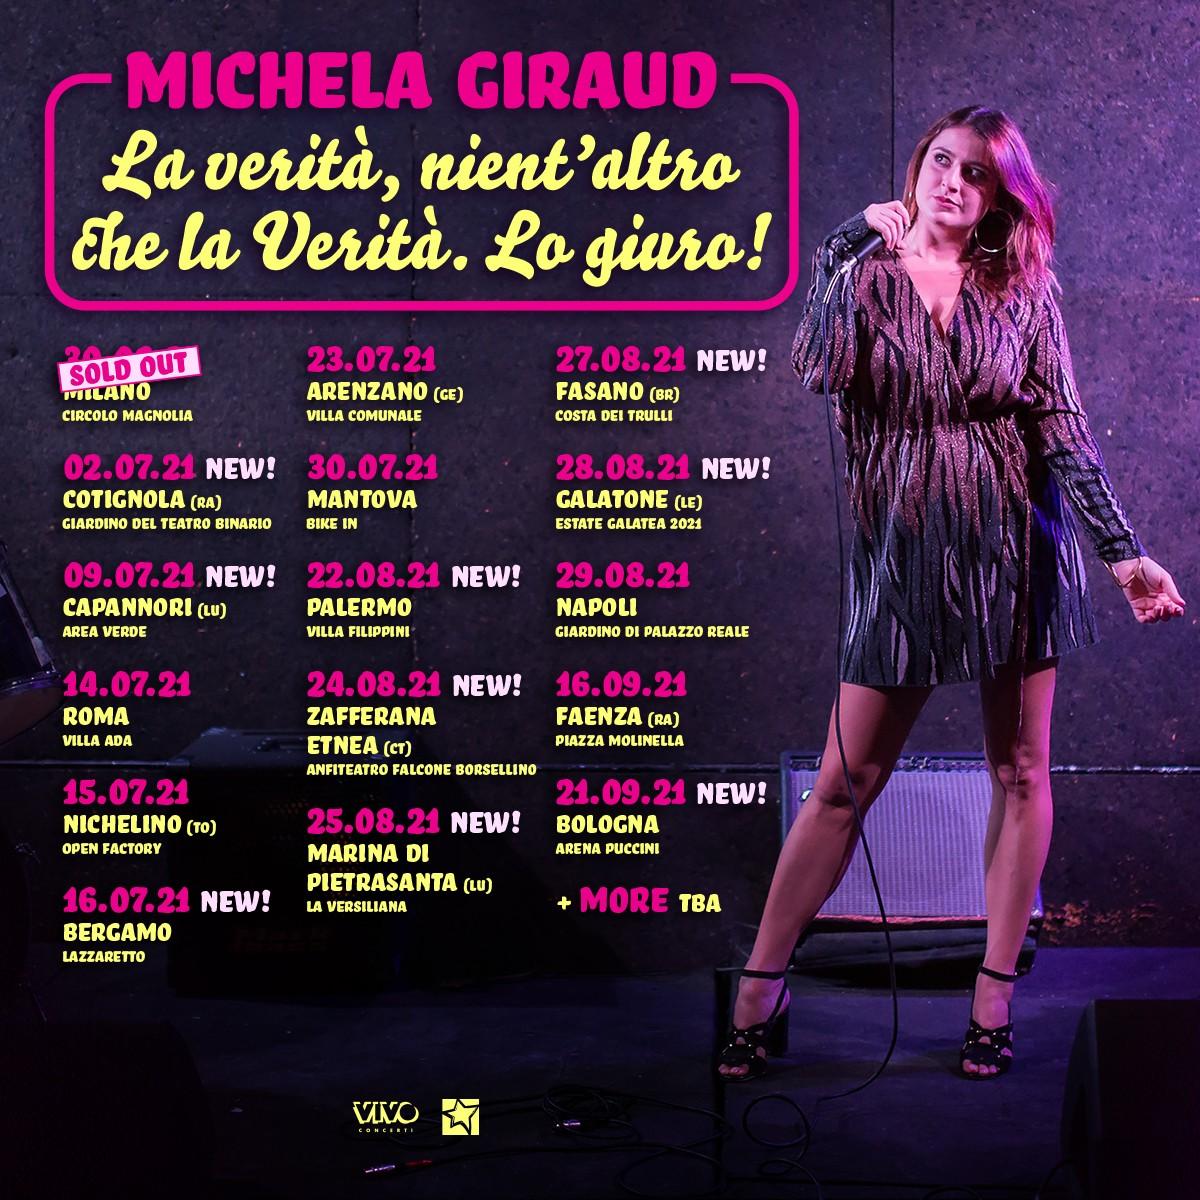 MICHELA GIRAUD: SI AGGIUNGONO NUOVE DATE ESTIVE